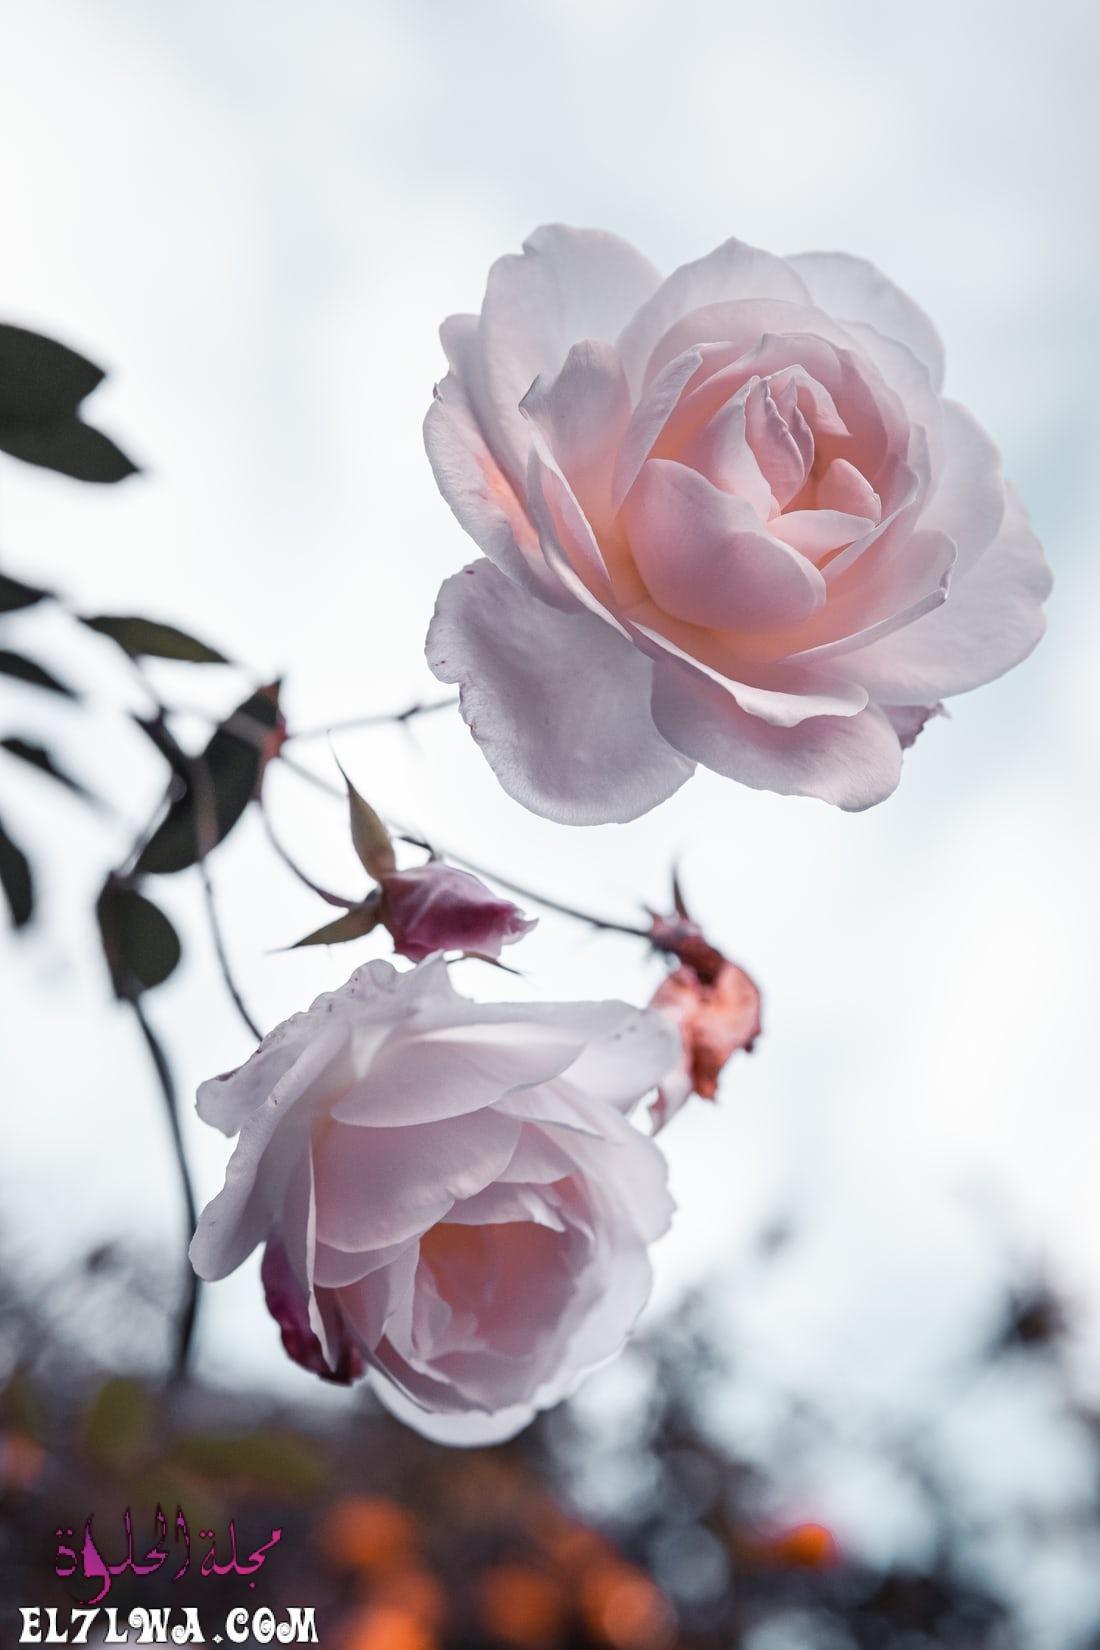 خلفيات ورد خلفيات ورود جميلة جدا خلفيات ورد طبيعي الورد من أكثر الأشياء التي ترسم البسمة وتبعث الر احة والت فاؤل بألوانها الز ا In 2021 Plant Images Rose Free Plants